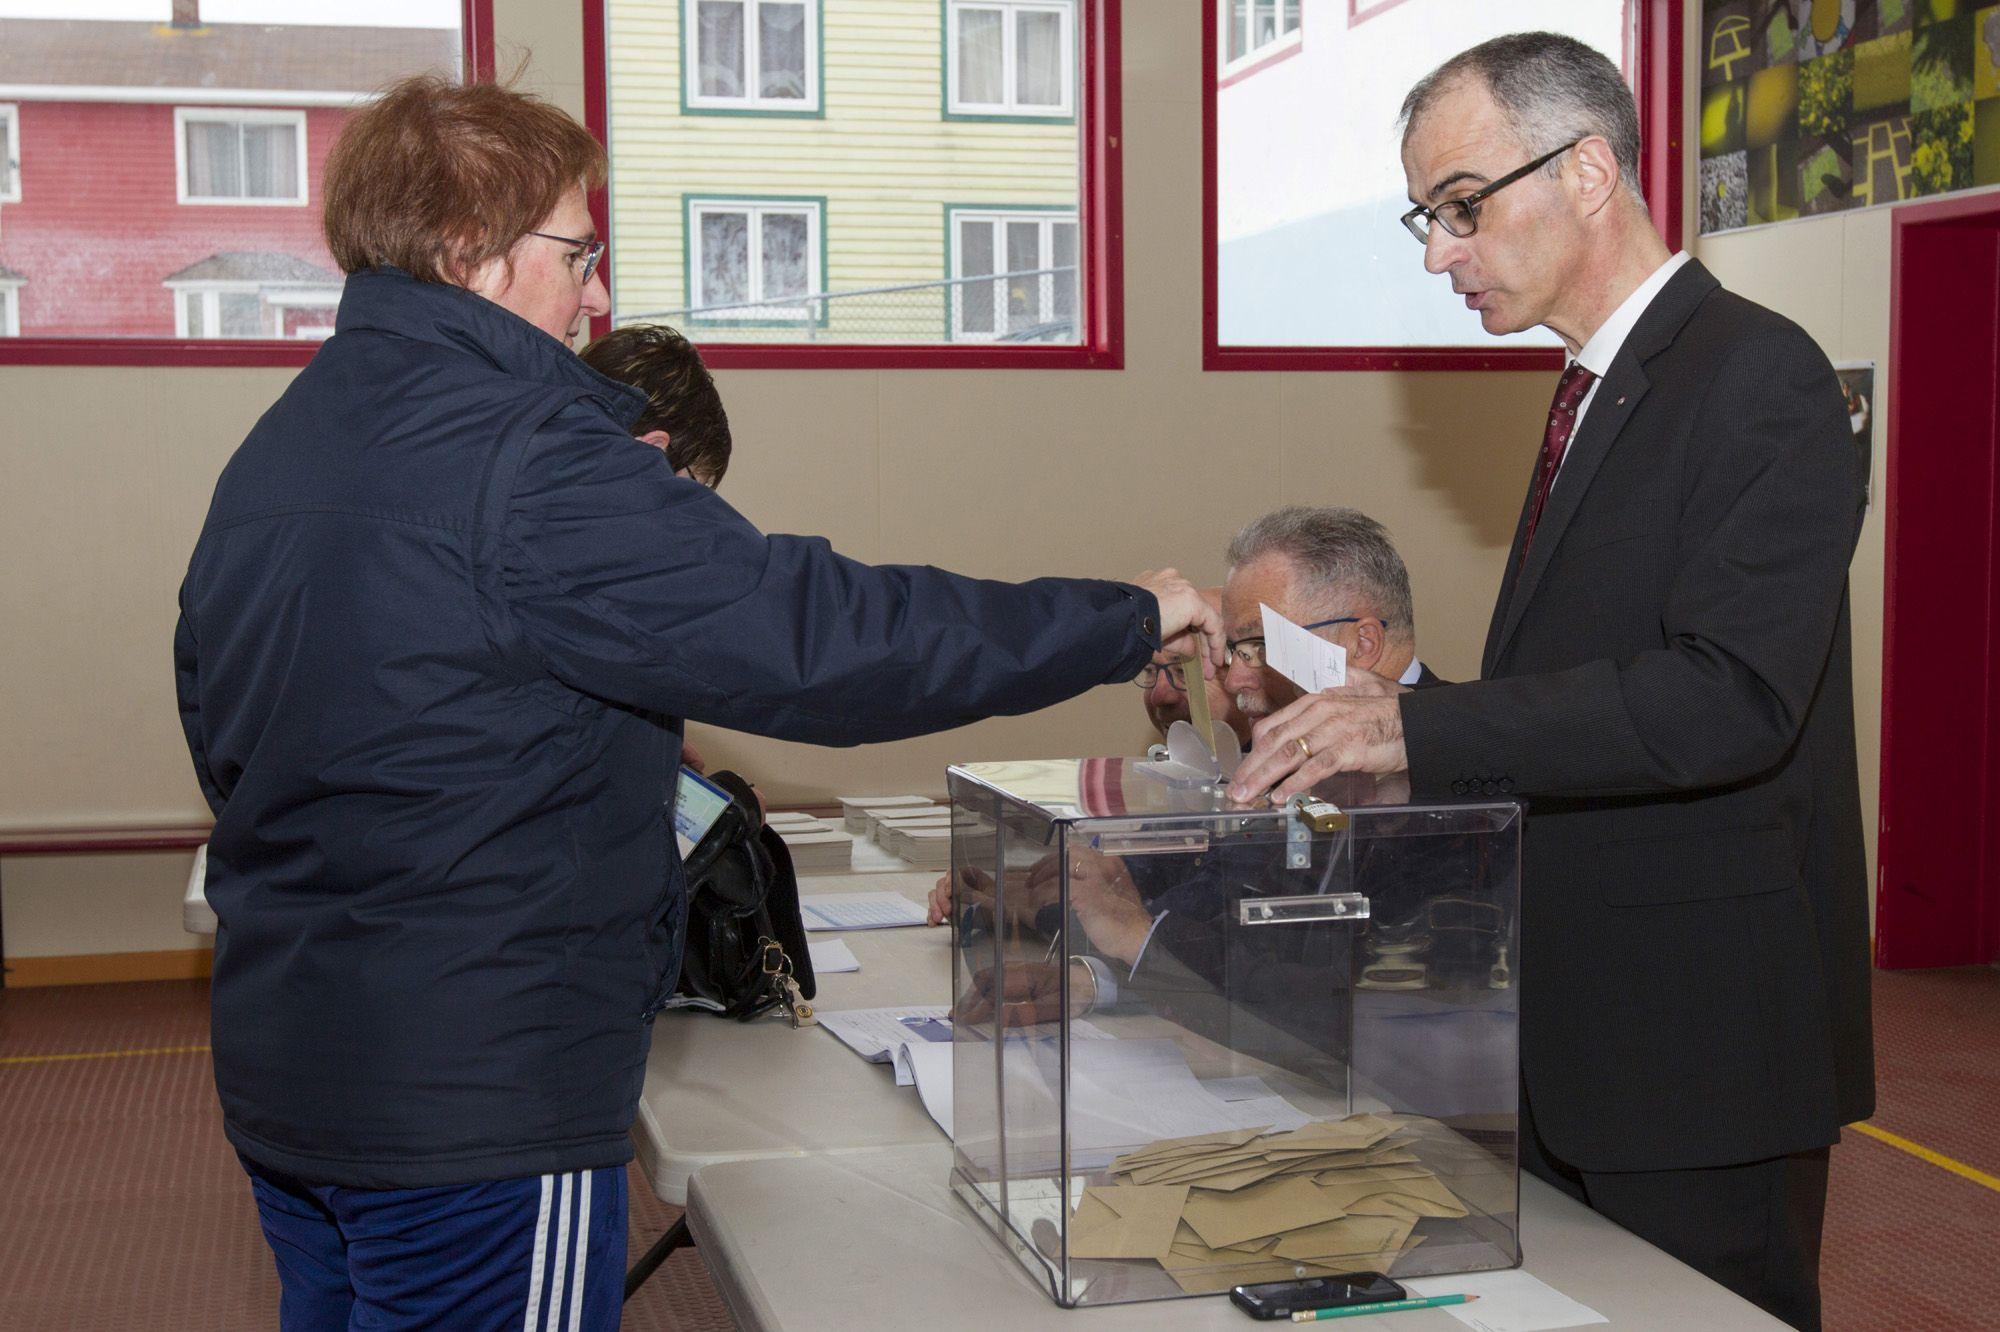 Présidentielle : le vote pour le second tour a débuté en Outre-Mer, la sécurité renforcée